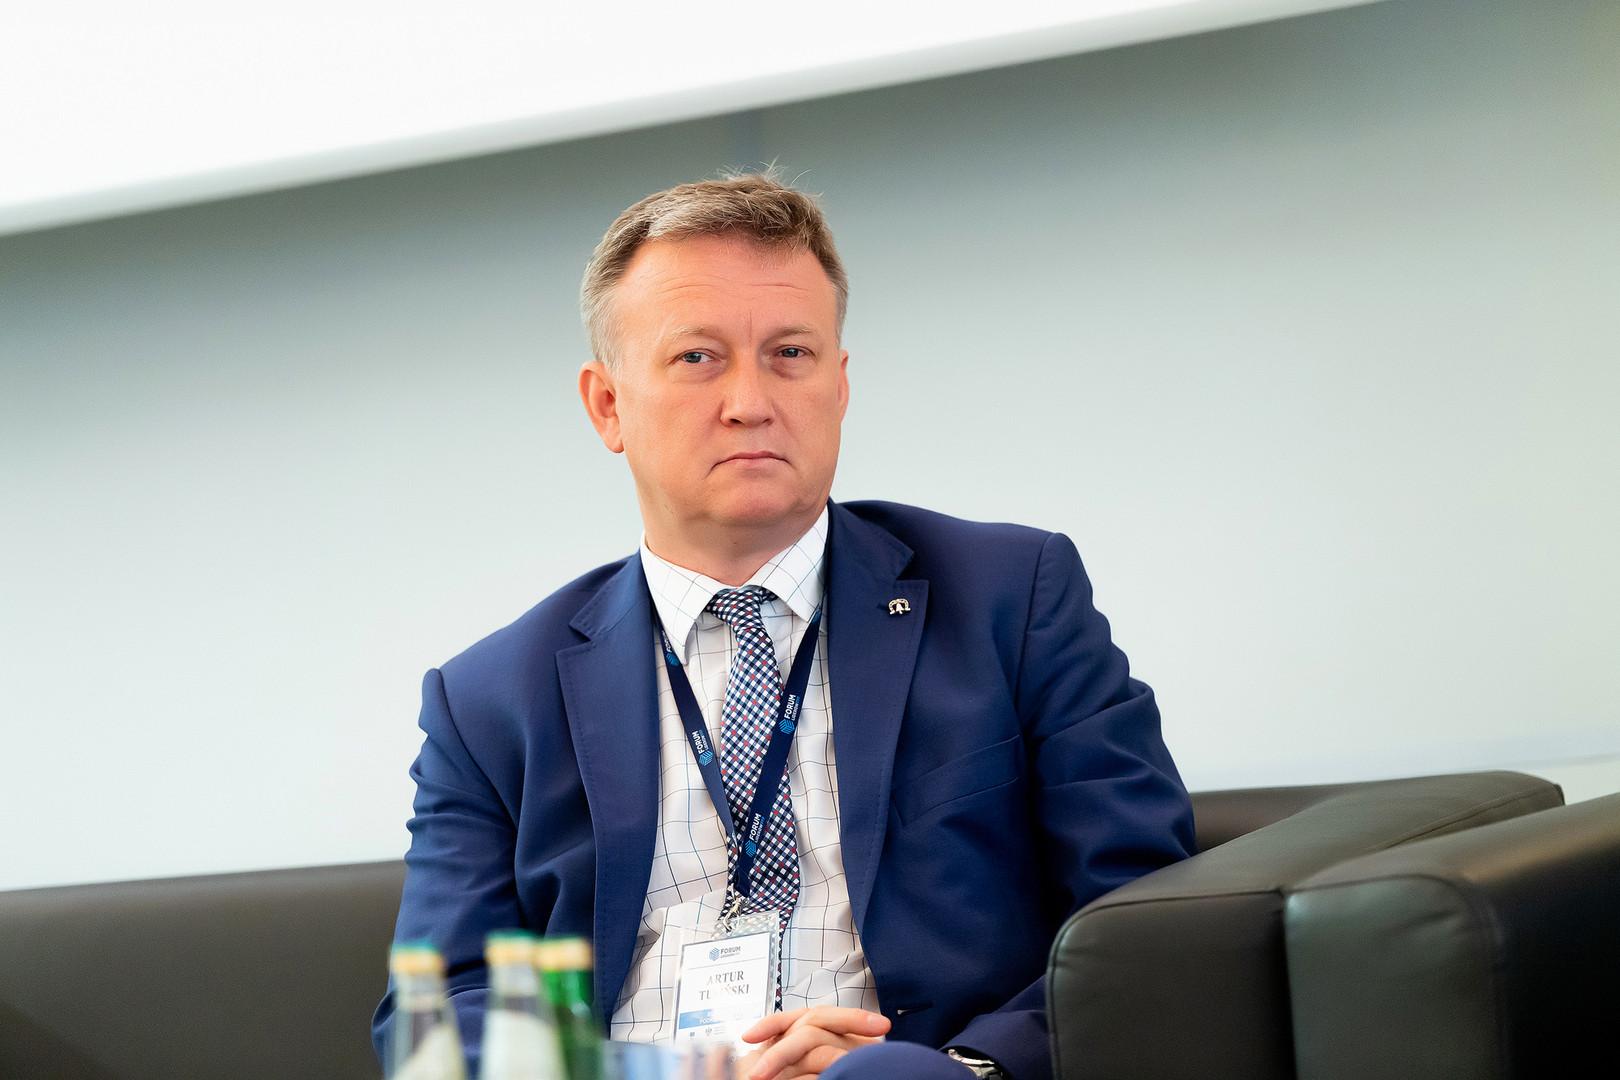 Burmistrz Podkowy Leśnej Artur Tusiński